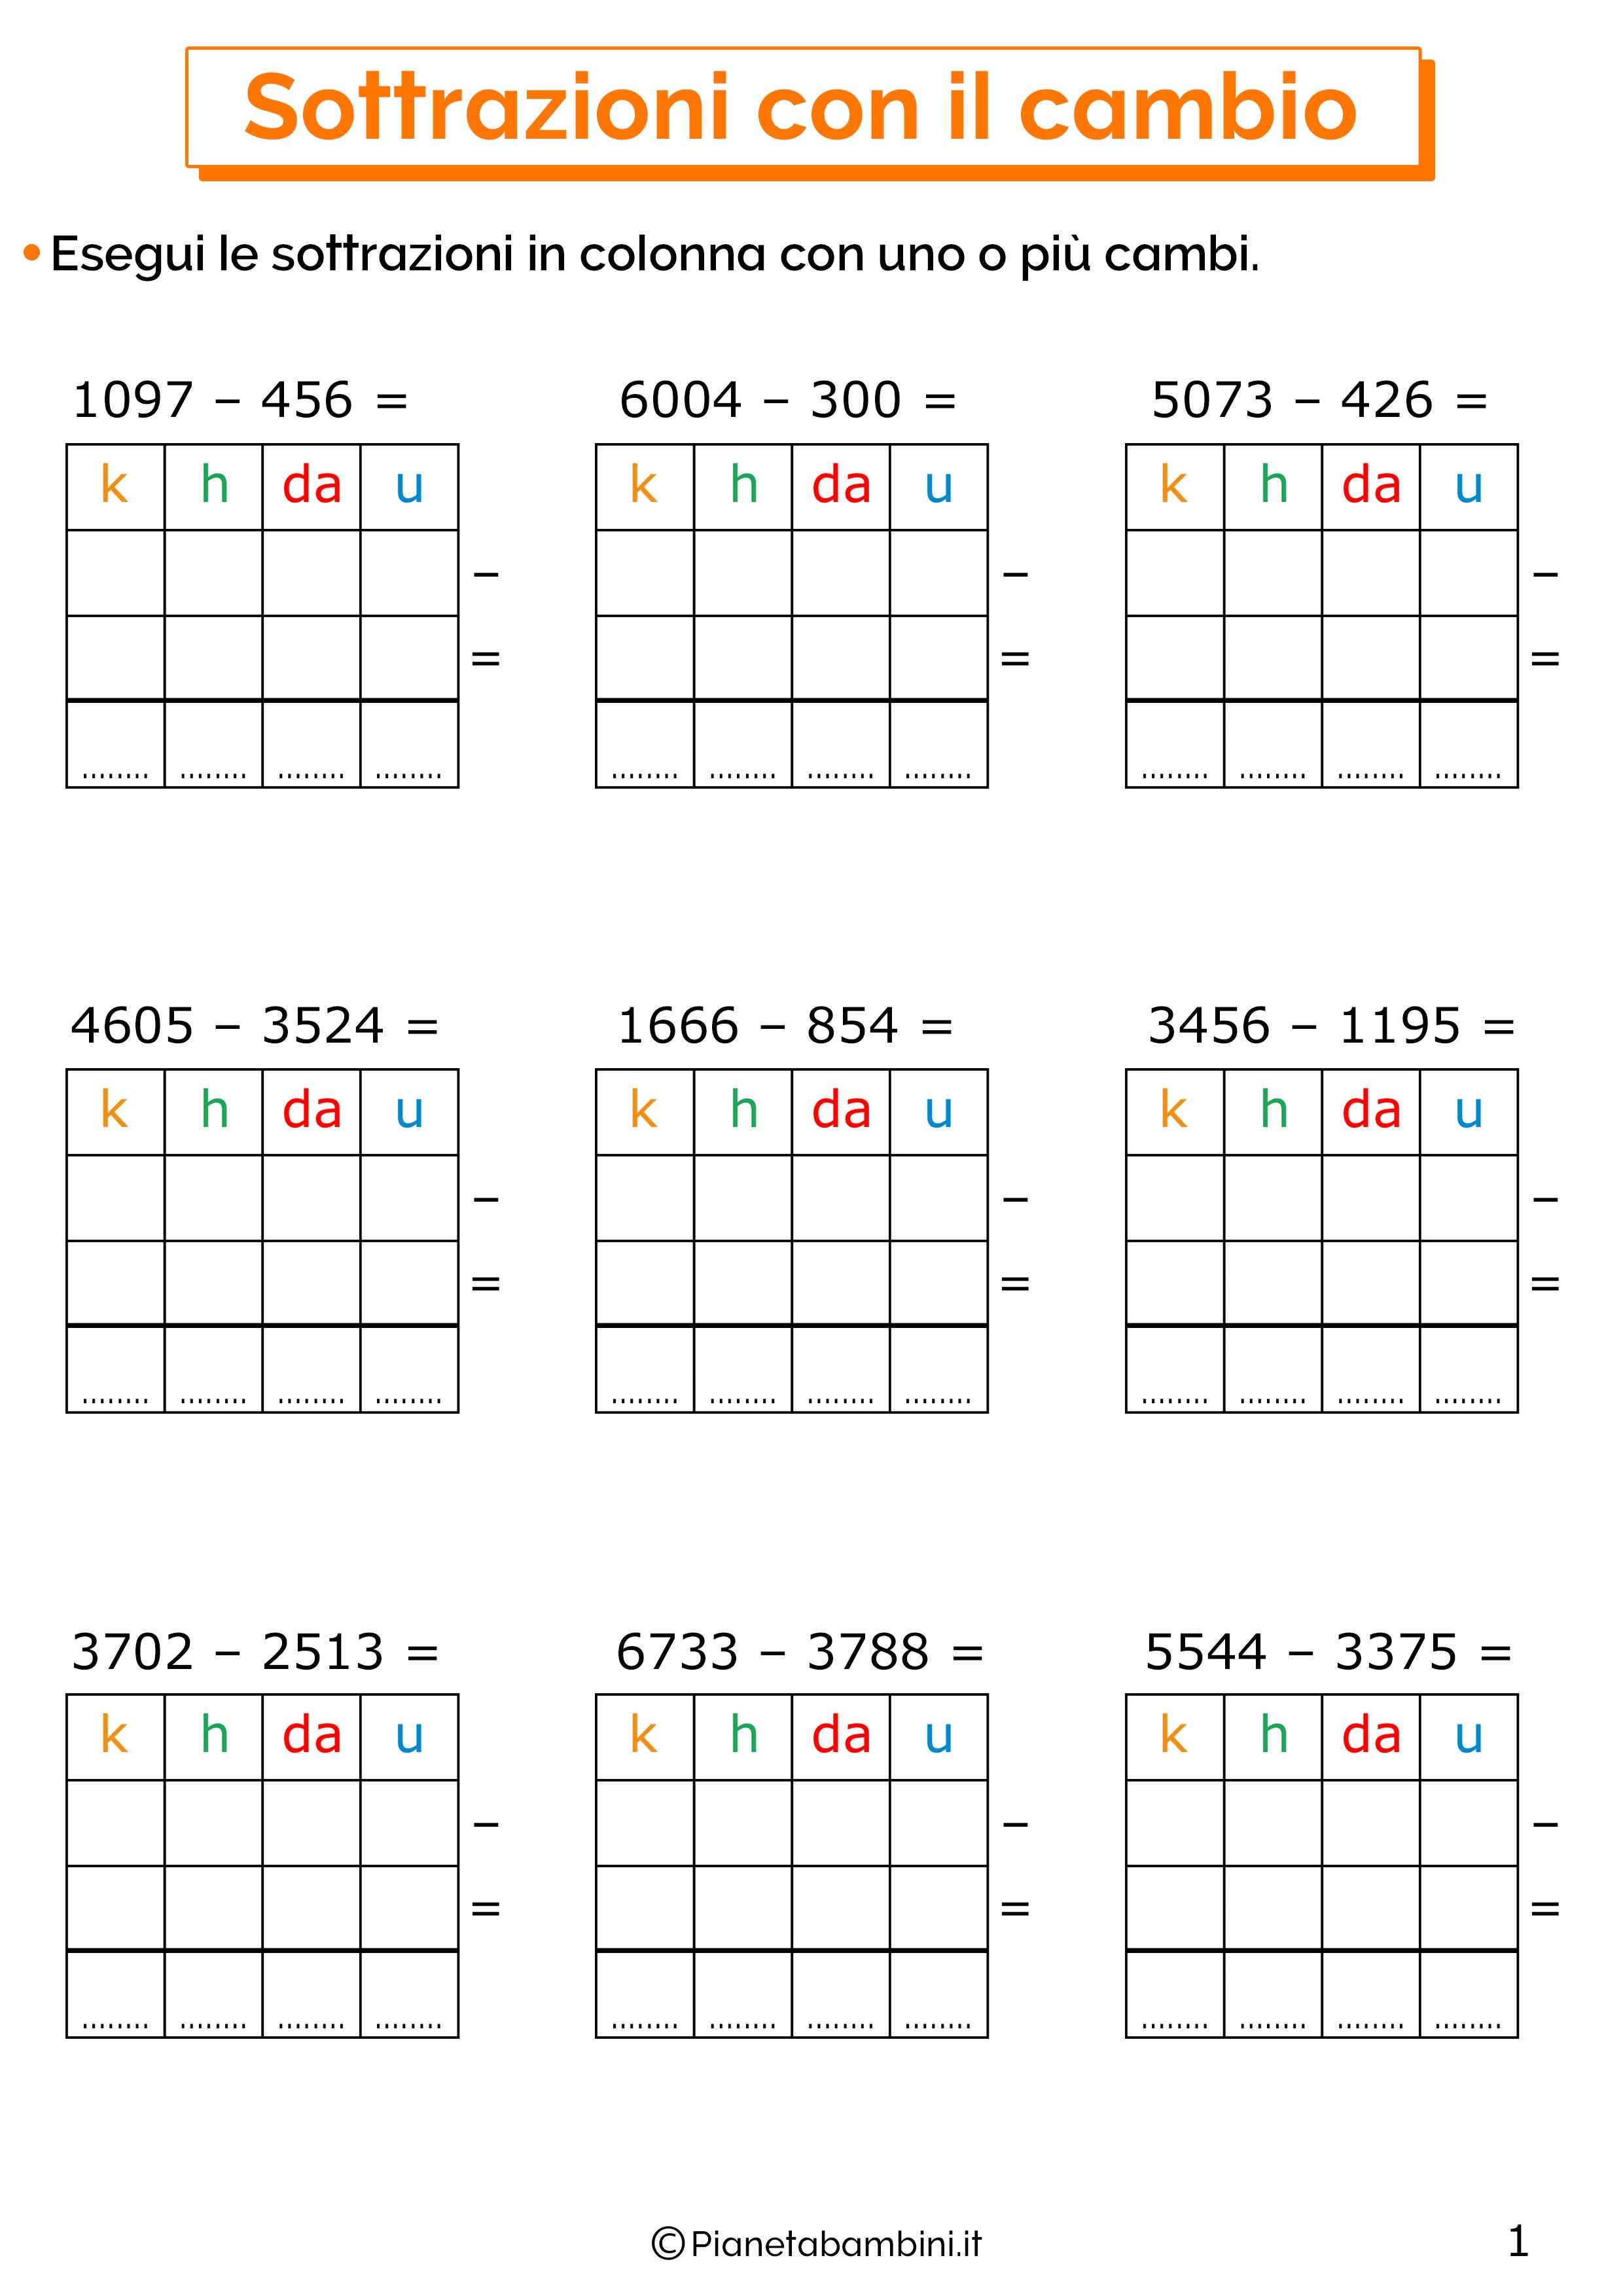 Sottrazioni con cambio a quattro cifre per la classe terza 1